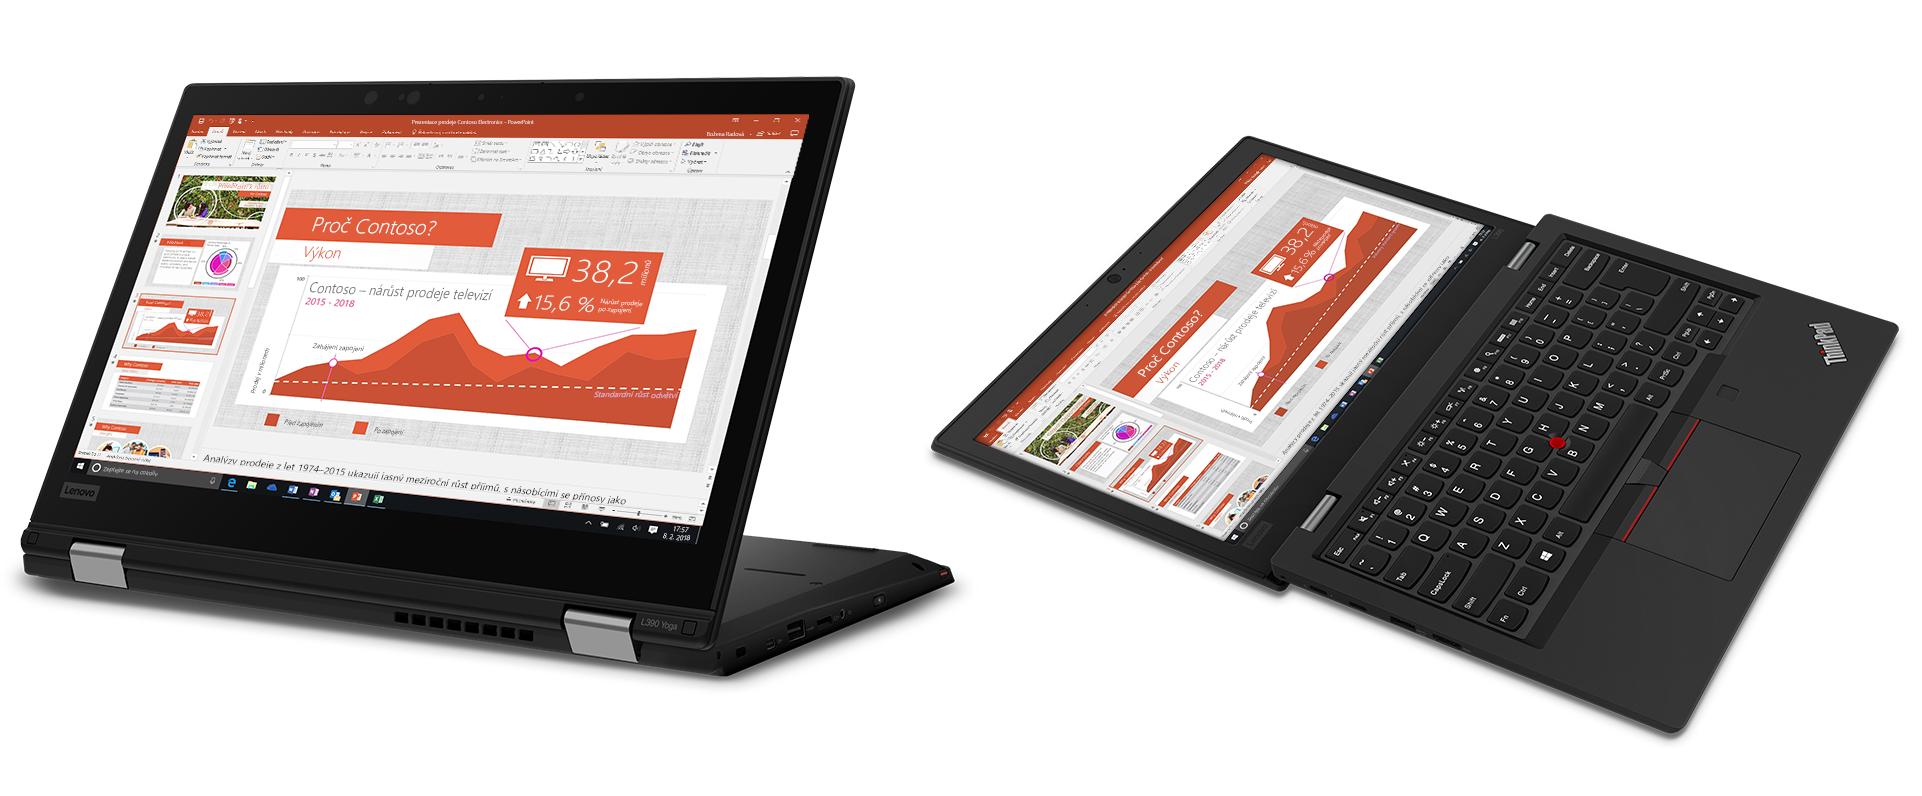 Obrázek přenosných počítačů Lenovo ThinkPad L390 a L390 Yoga.